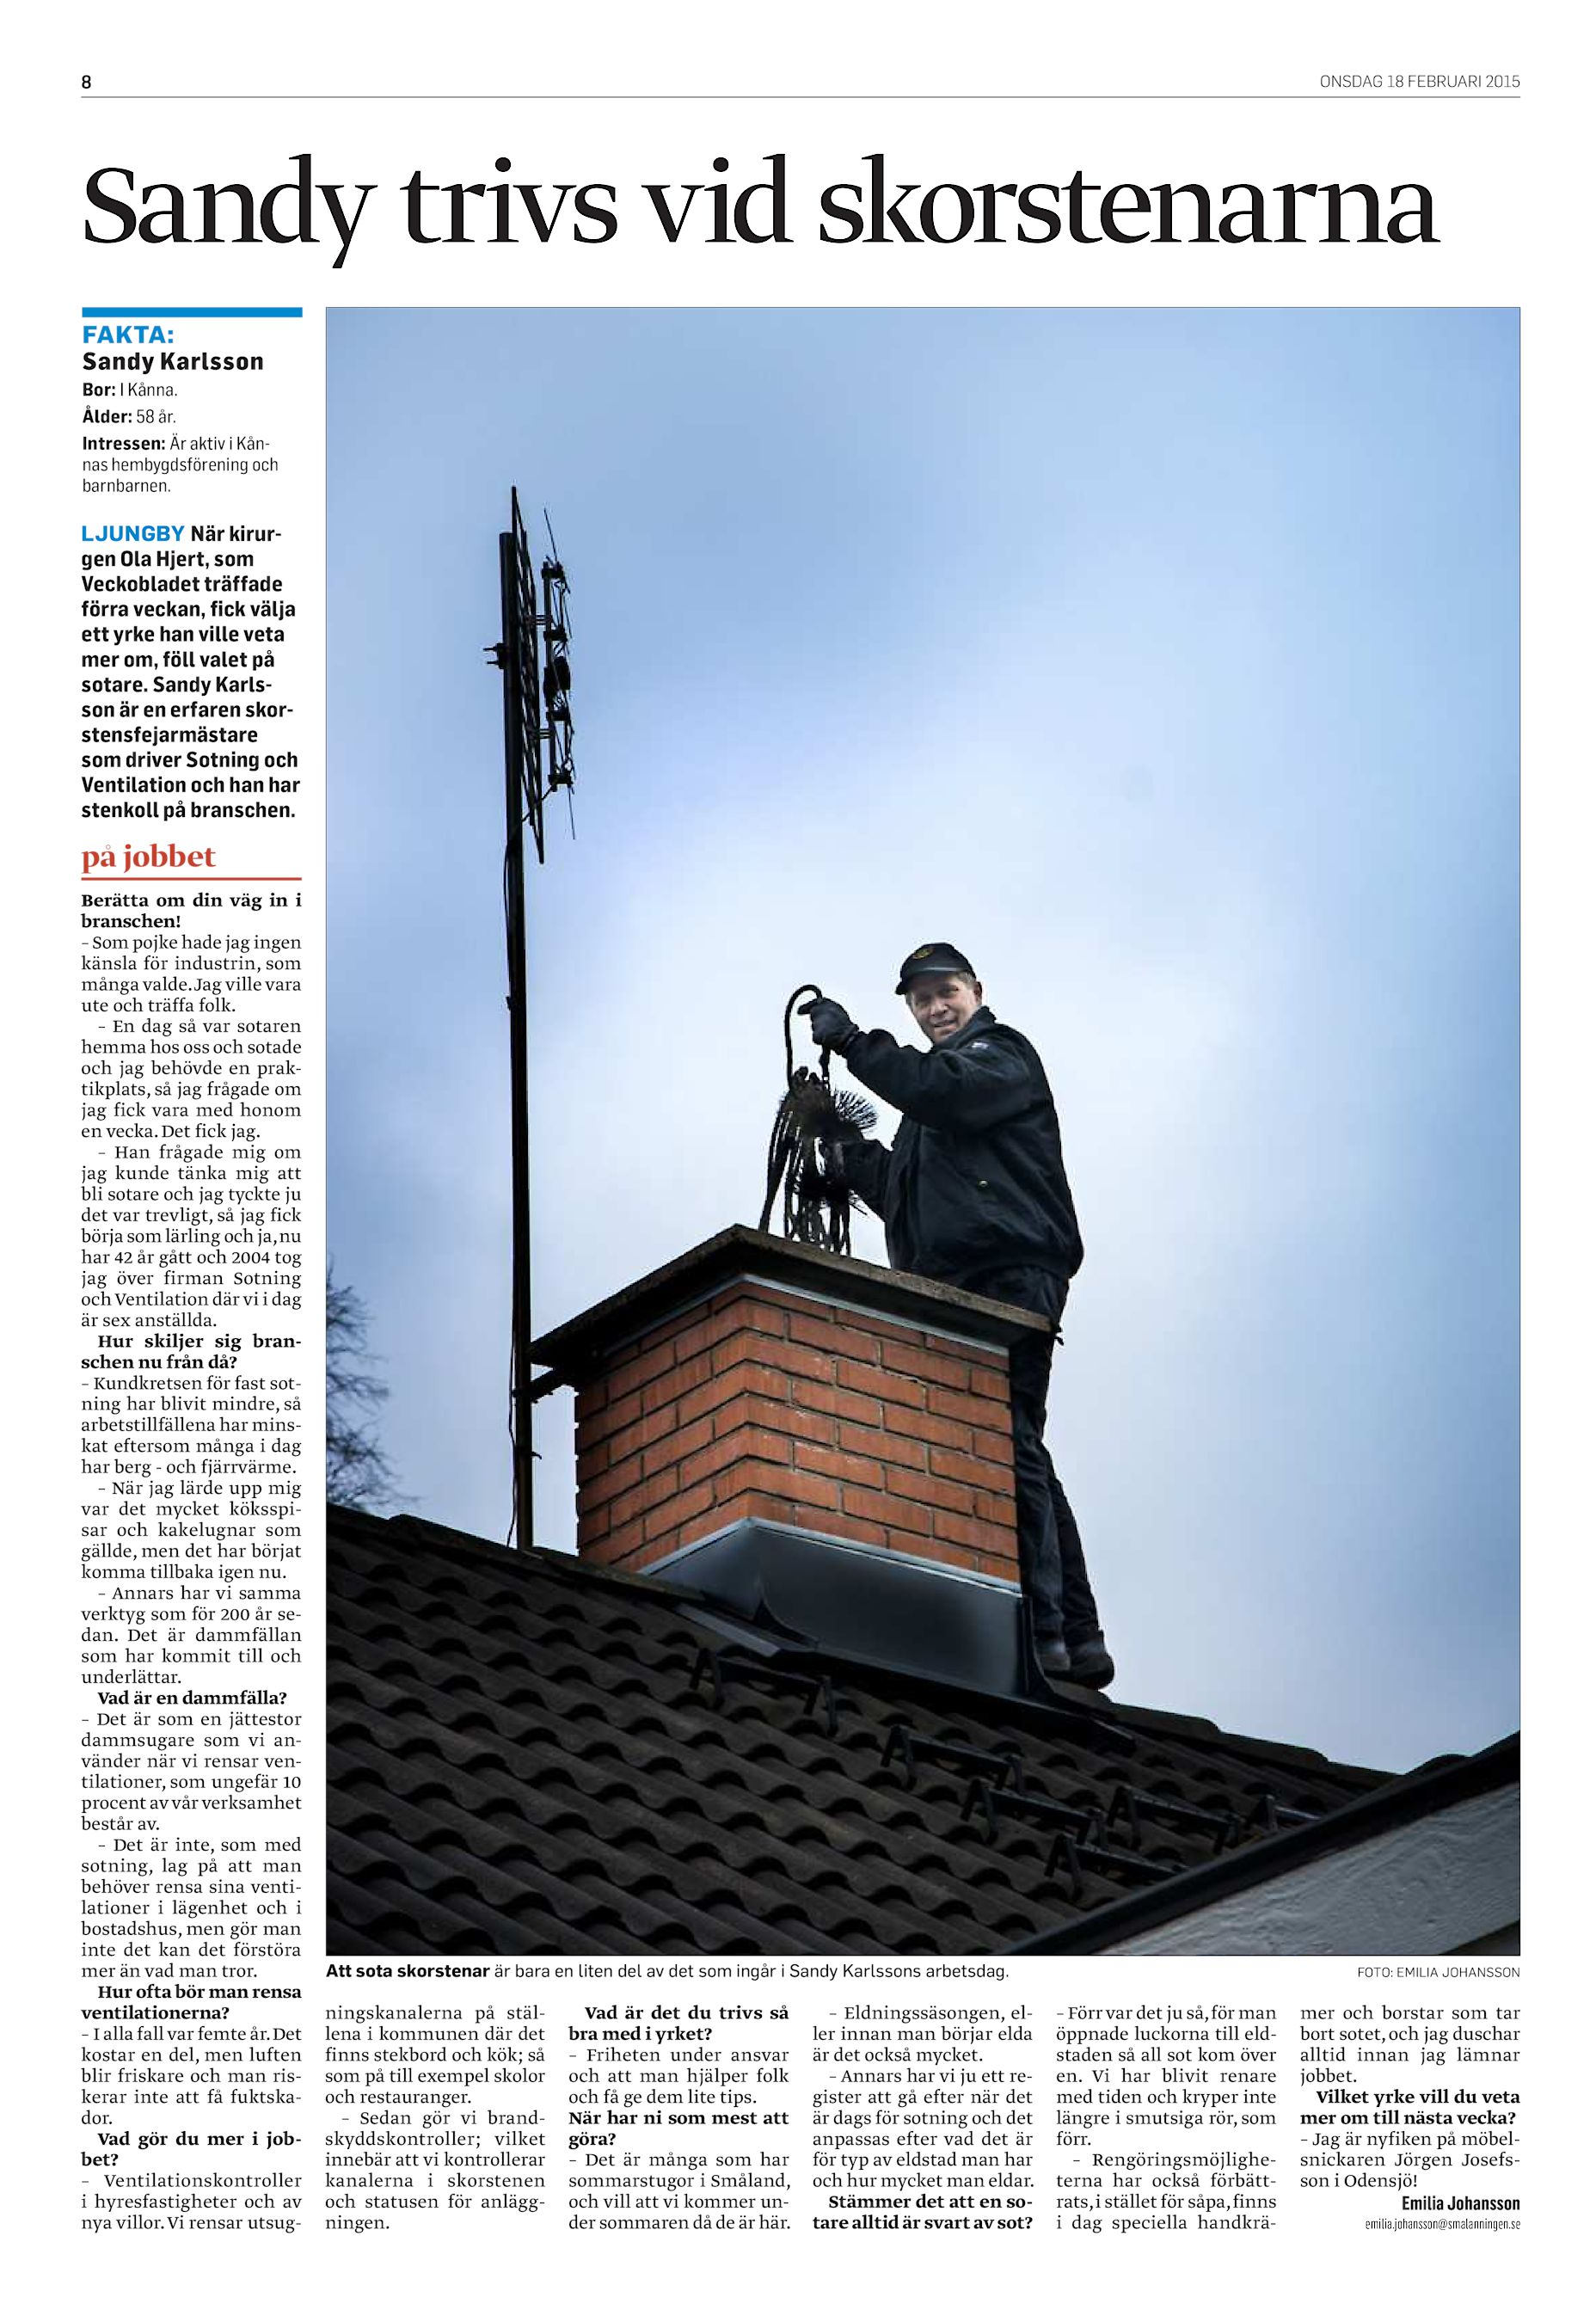 Veckobladet sv 20150218 (endast text)